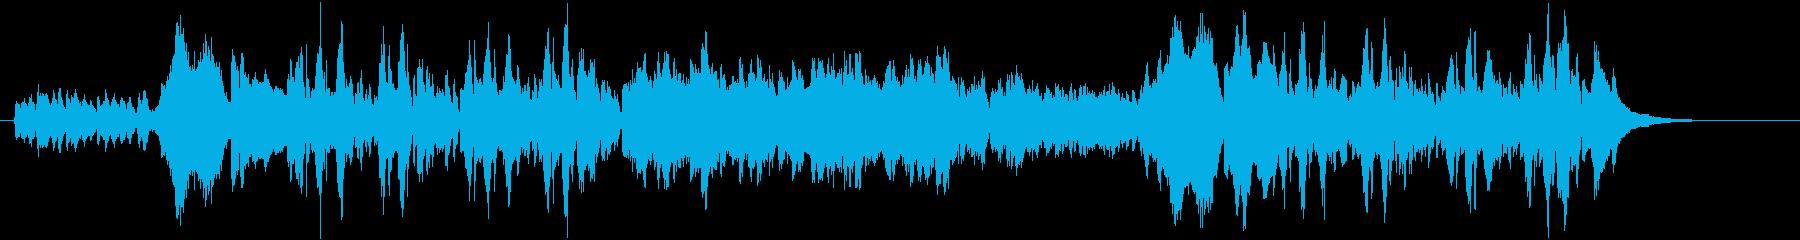 幻想的なピアノソロの再生済みの波形